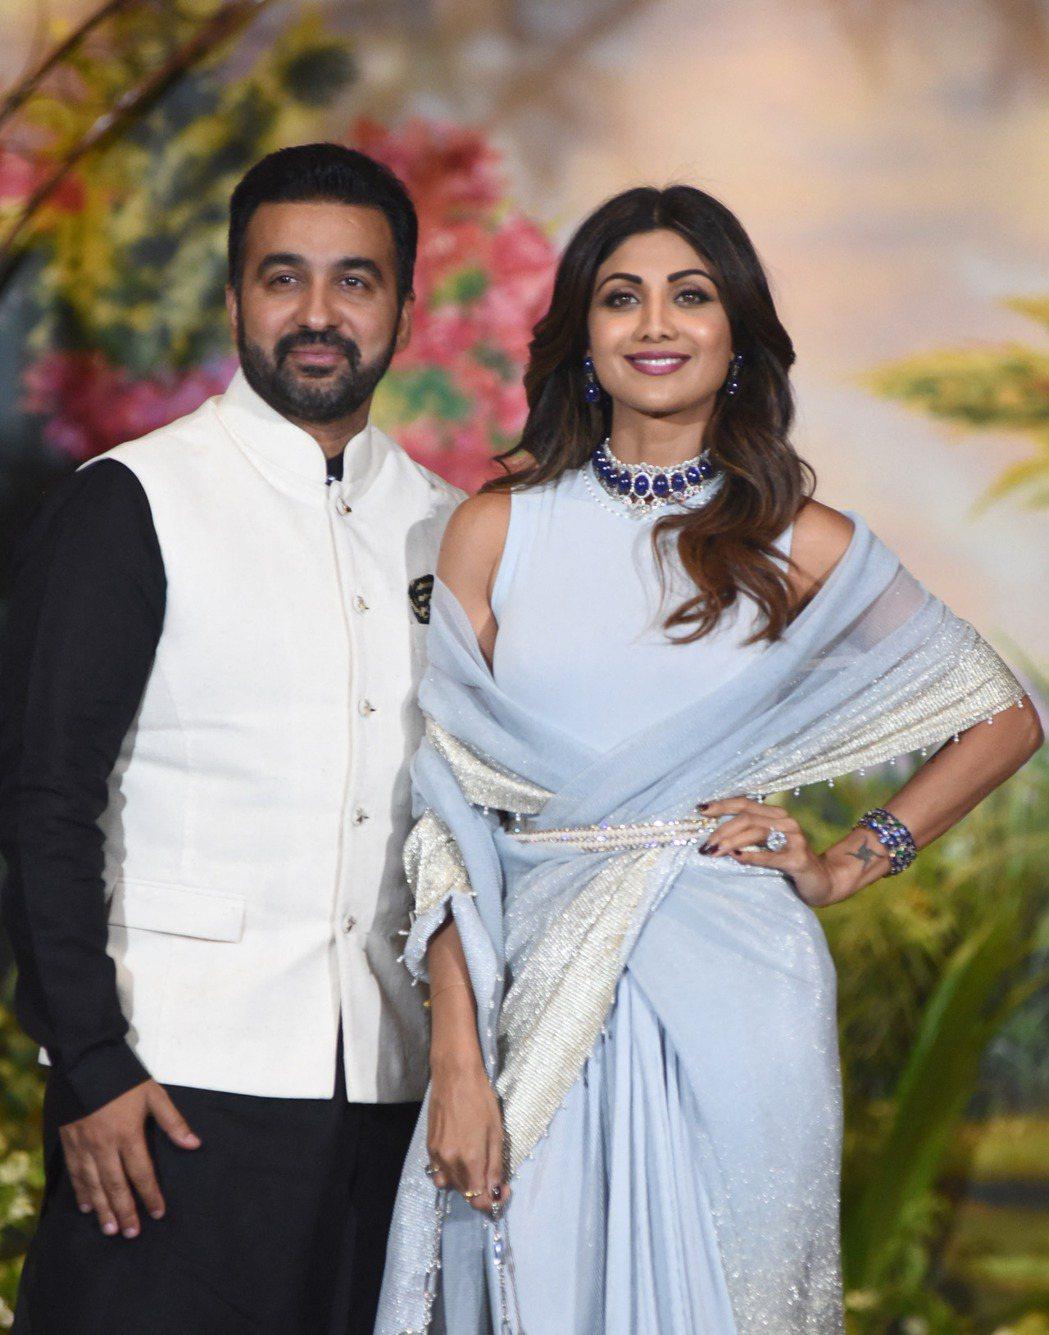 寶萊塢女星謝蒂的丈夫昆卓拉,涉嫌經營色情片拍攝公司而被捕。(法新社)